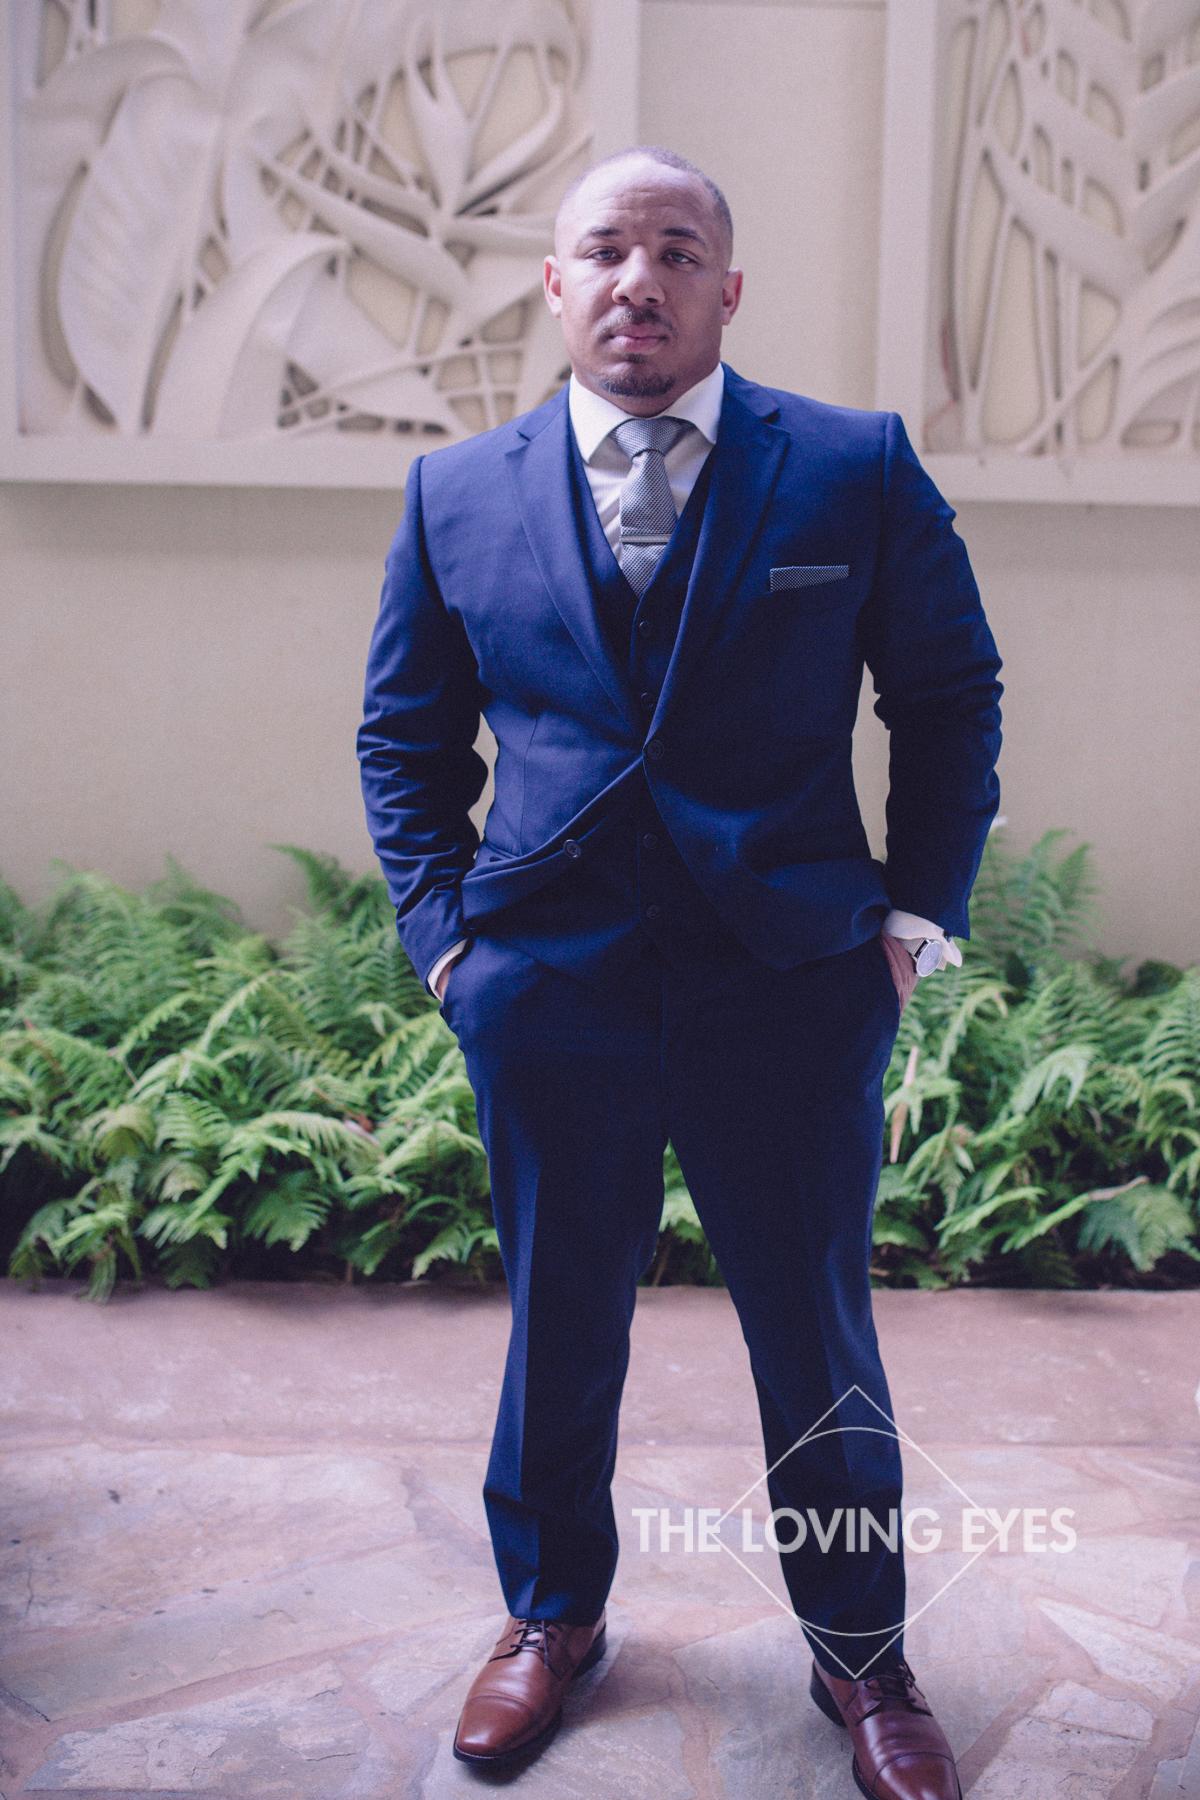 Groom portrait at wedding in Hawaii